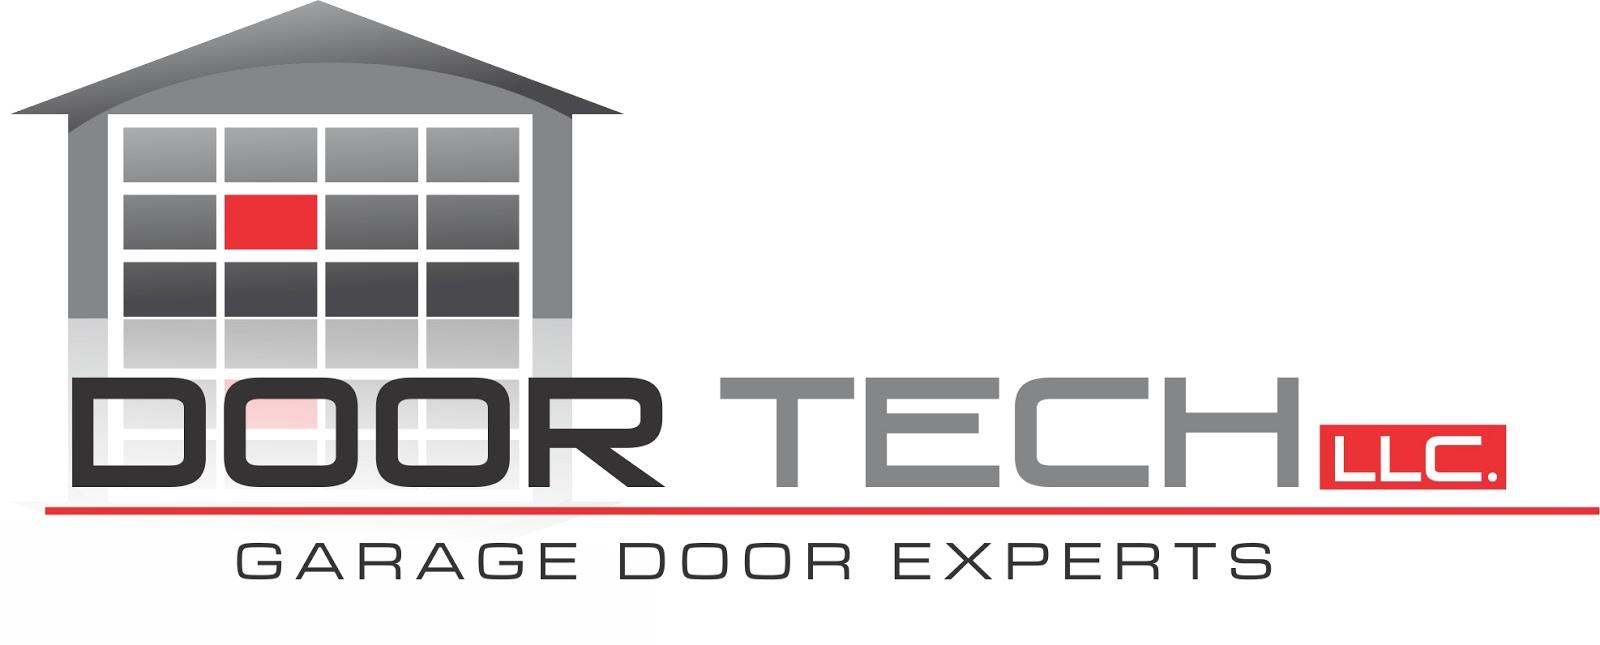 Garage door repair service phoenix az why professional for Garage door repair phoenix